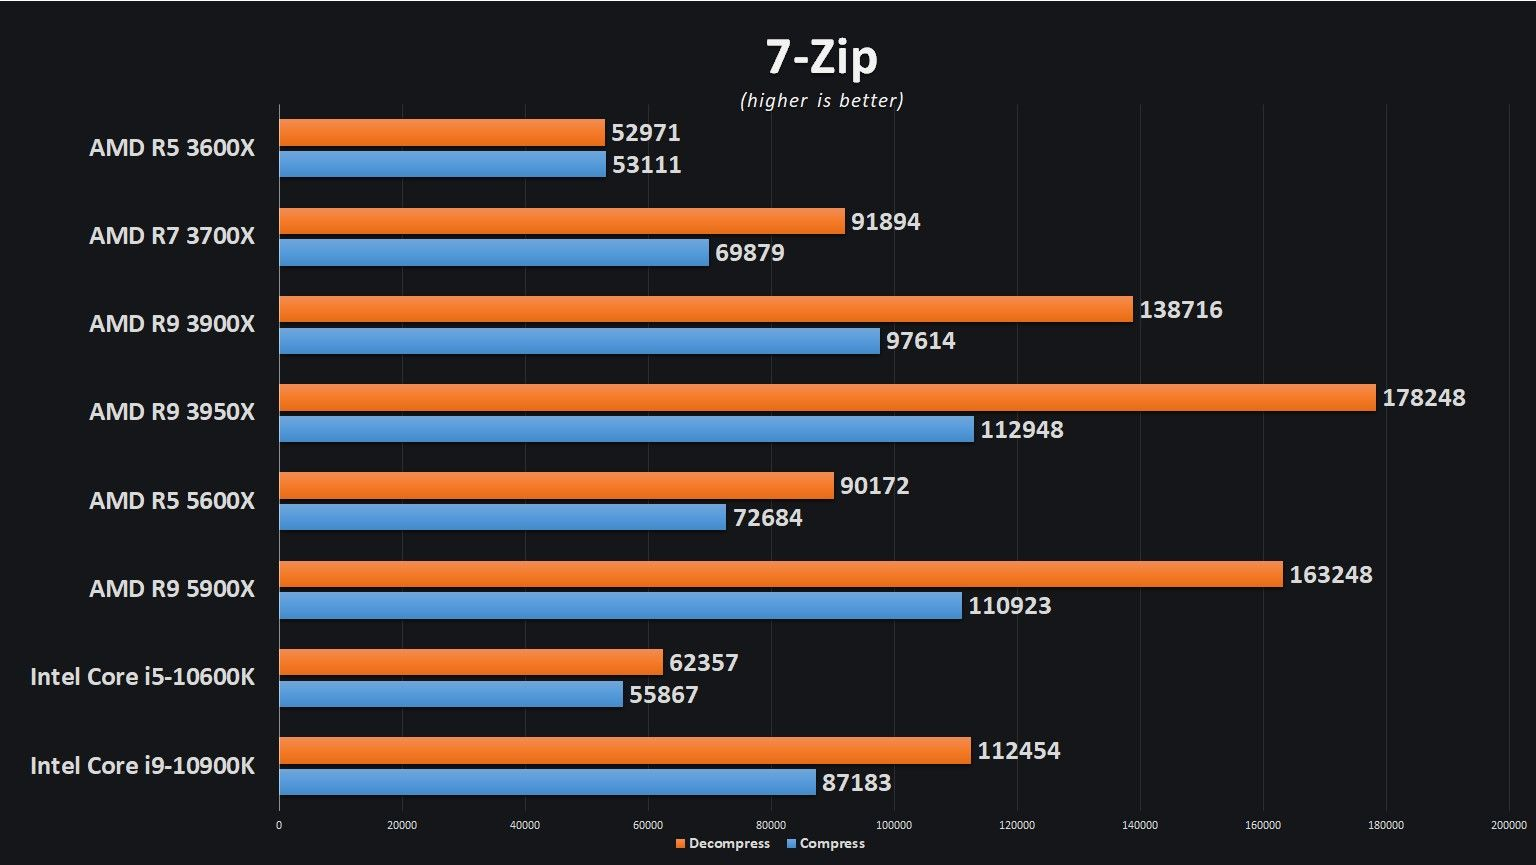 7-Zip Results